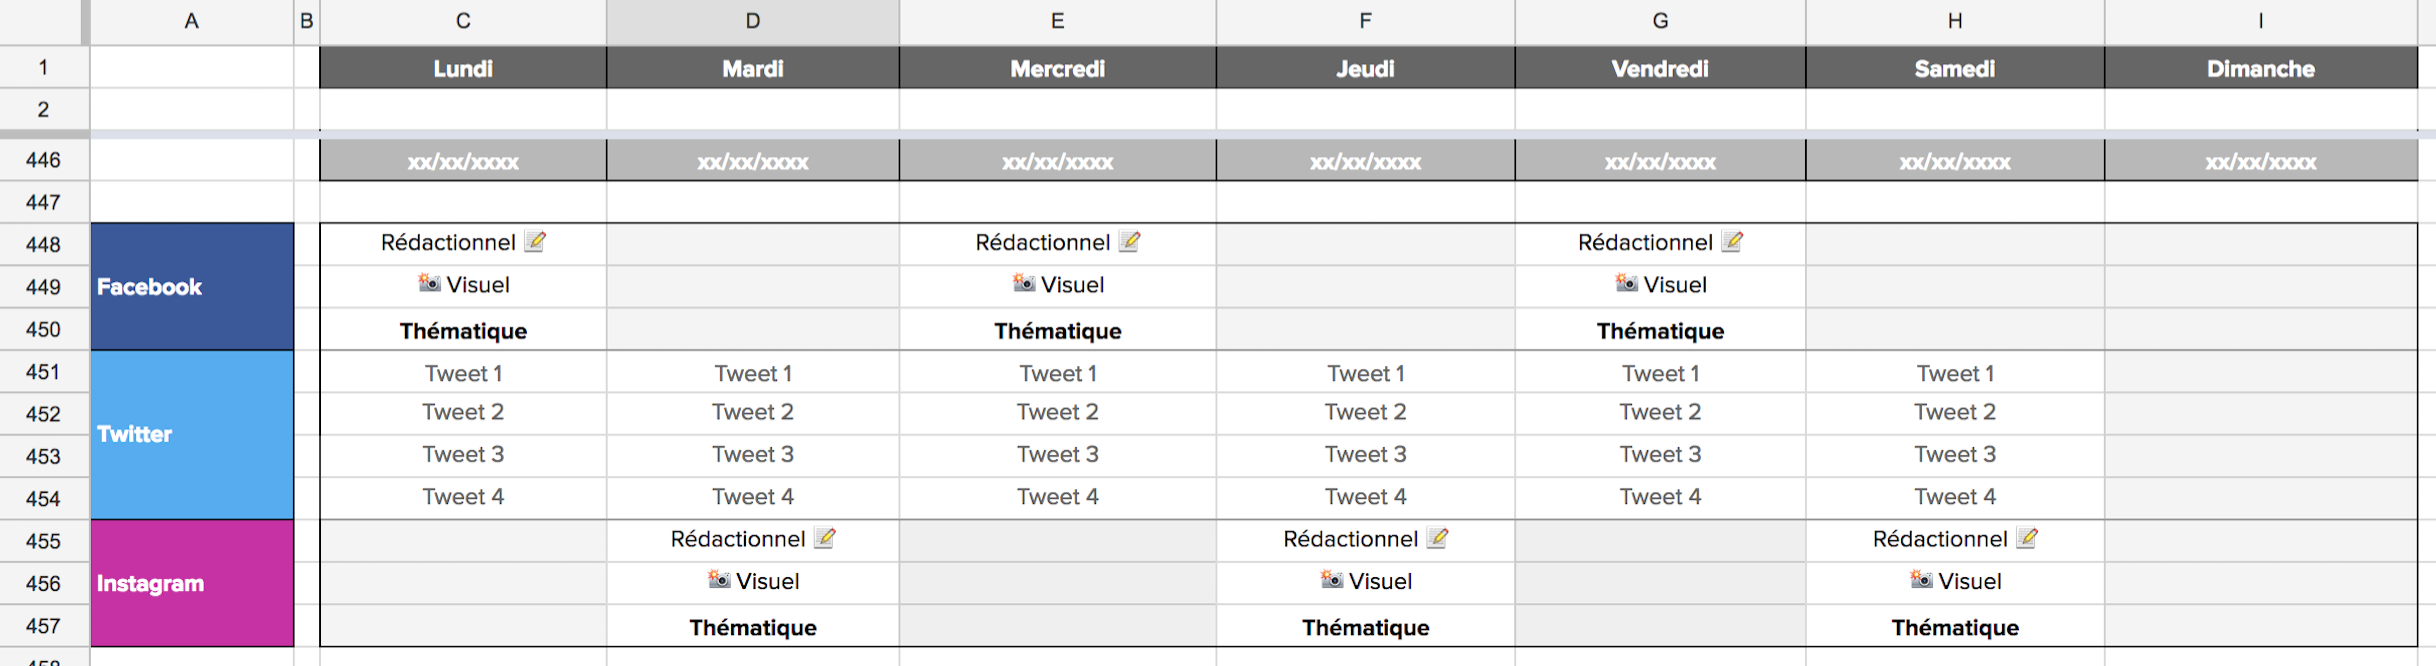 planning_edito_social_media